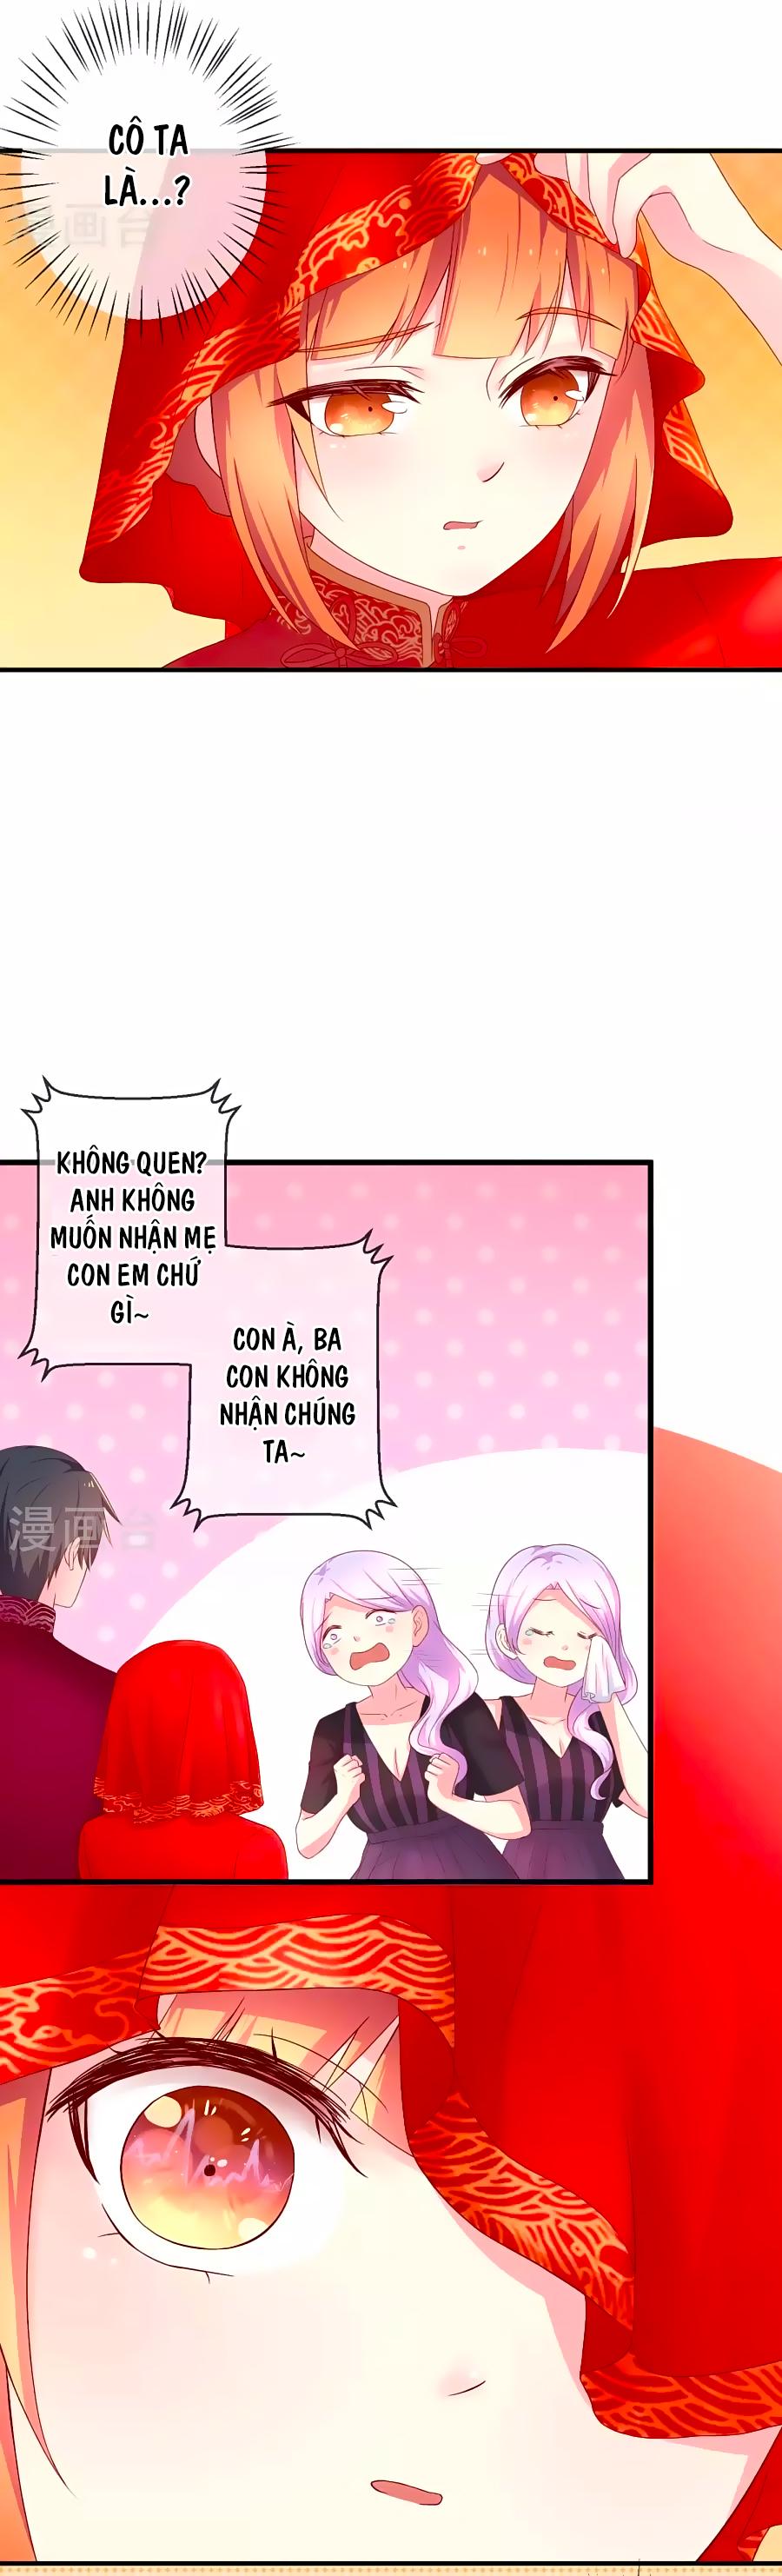 Cuộc Sống Hào Môn Của Vu Nữ - Chap 15